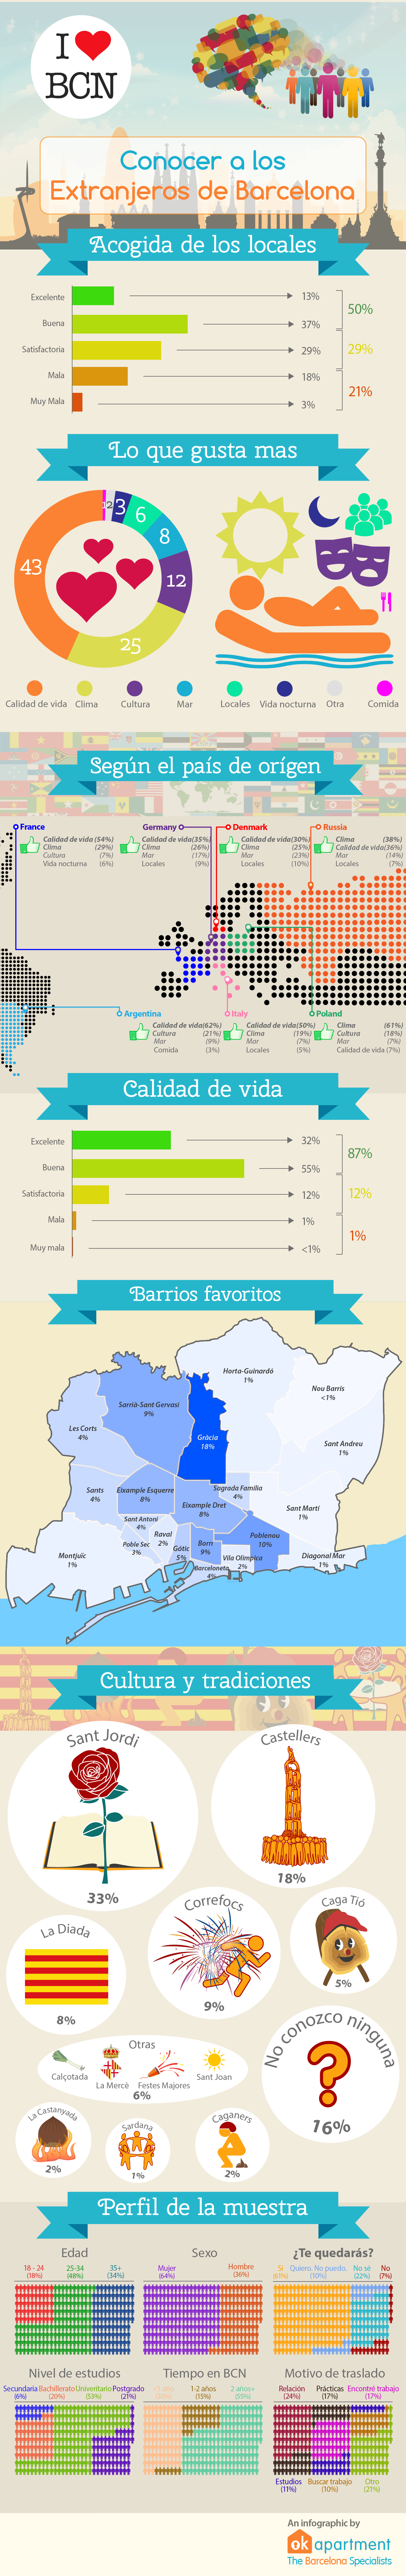 Infografia - Lo que gustan más de Barcelona a los extranjeros